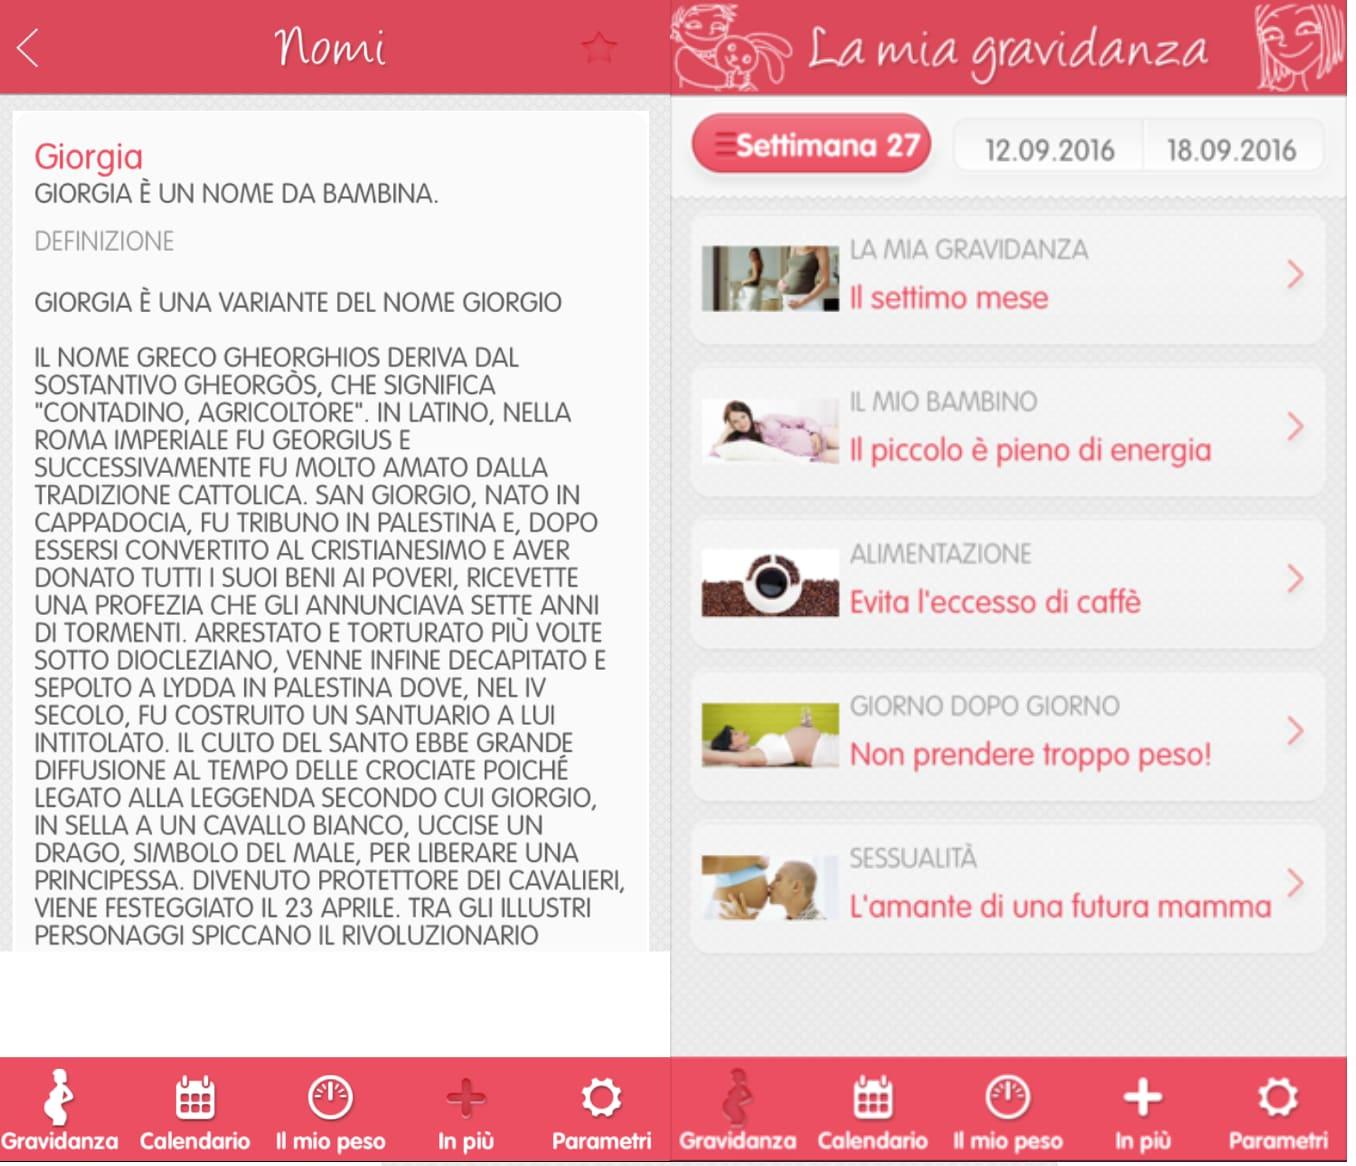 Calendario Delle Settimane Di Gravidanza.Gravidanza 8 App Da Scaricare Sullo Smartphone